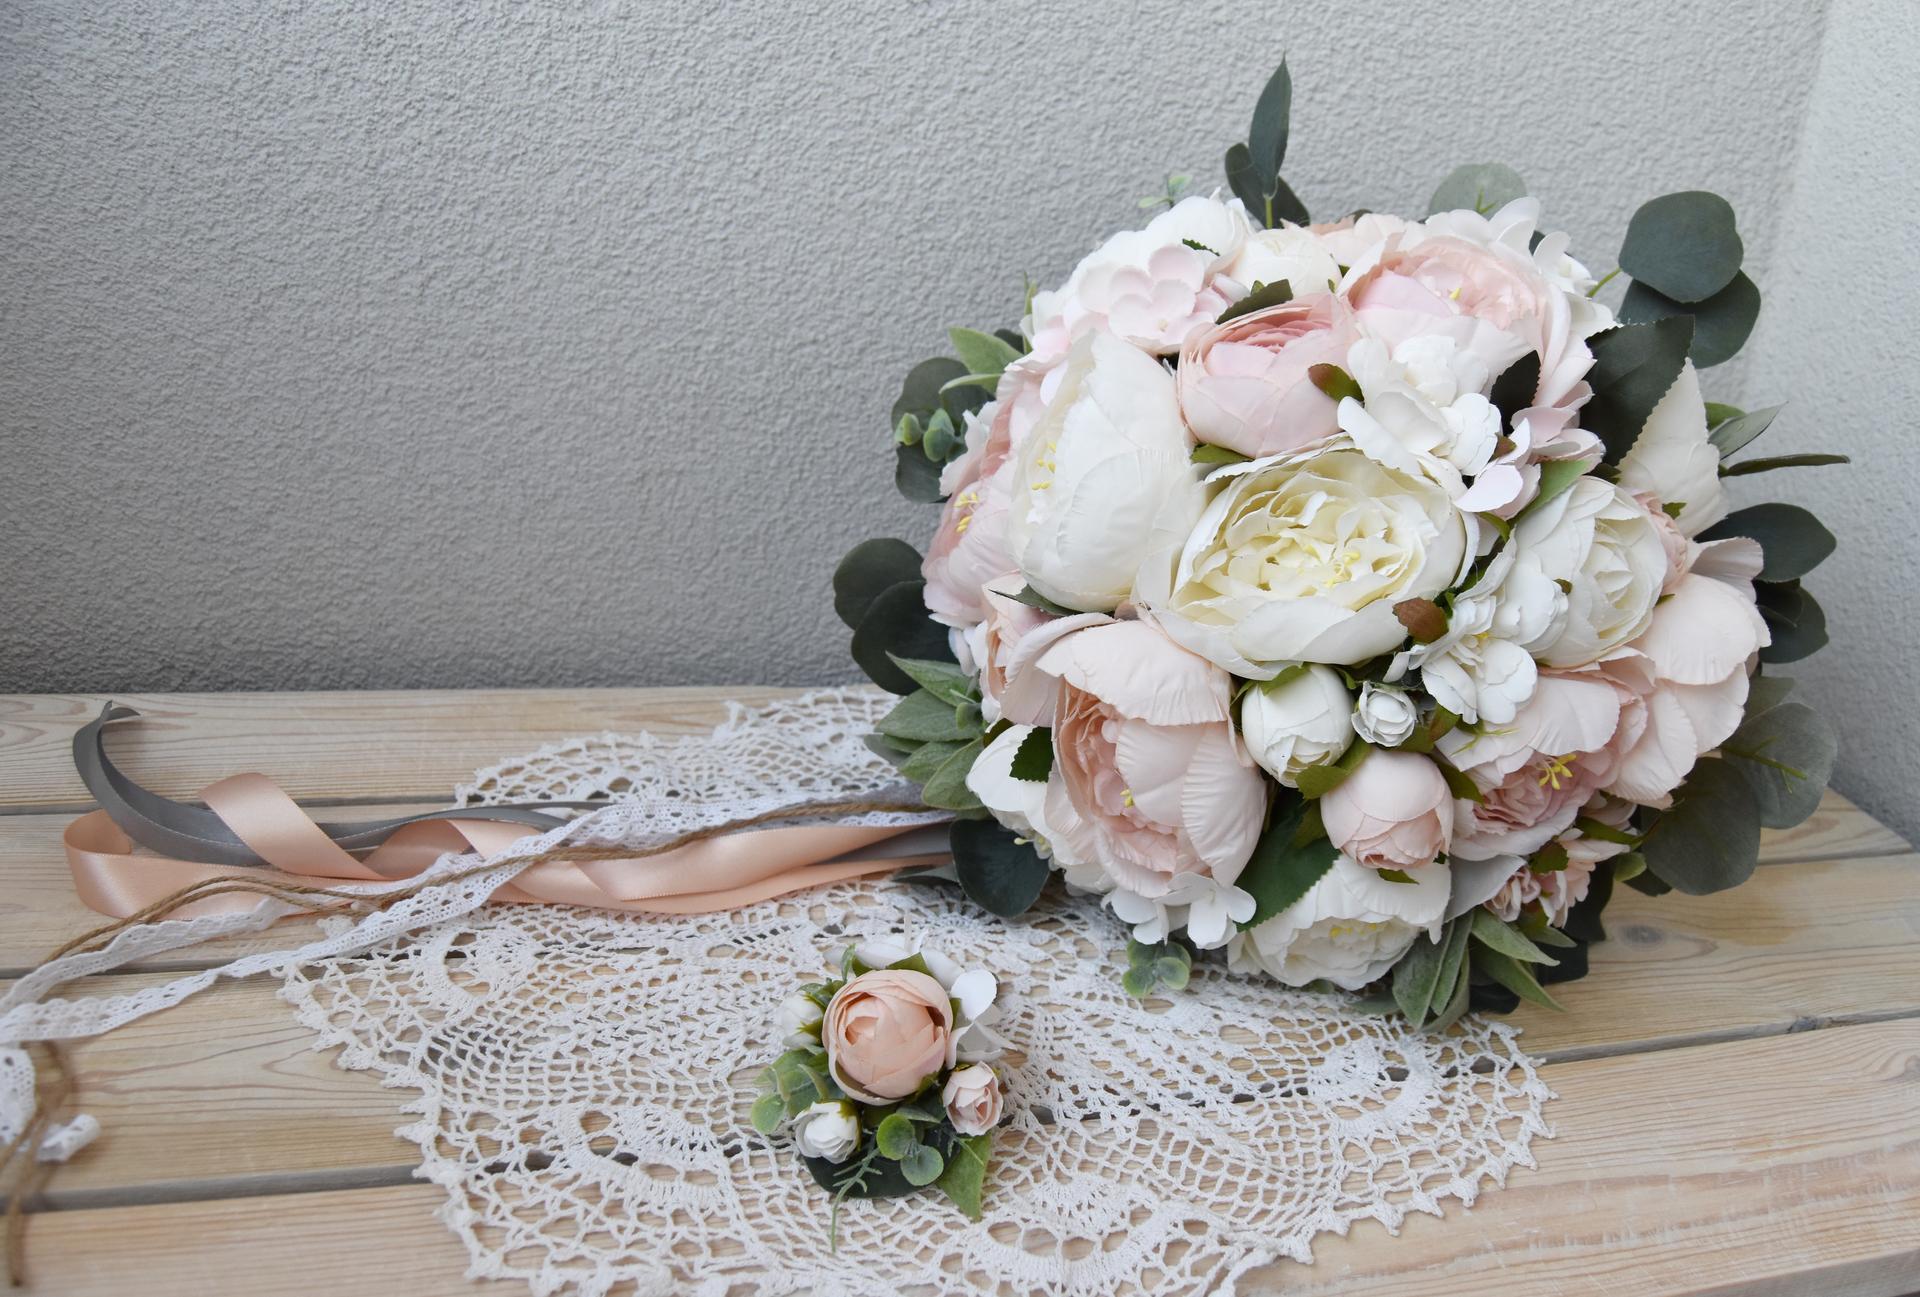 Wedding Time - moja svadobná kytica ♥ dlho som riešila dilemu či živá alebo umelá, či si ju dám niekomu urobiť alebo to skúsim sama, nakoniec som si teda kyticu urobila sama z kvetov, ktoré chcem použiť aj na výzdobu u nás doma a aj v sále aby všetko krásne ladilo